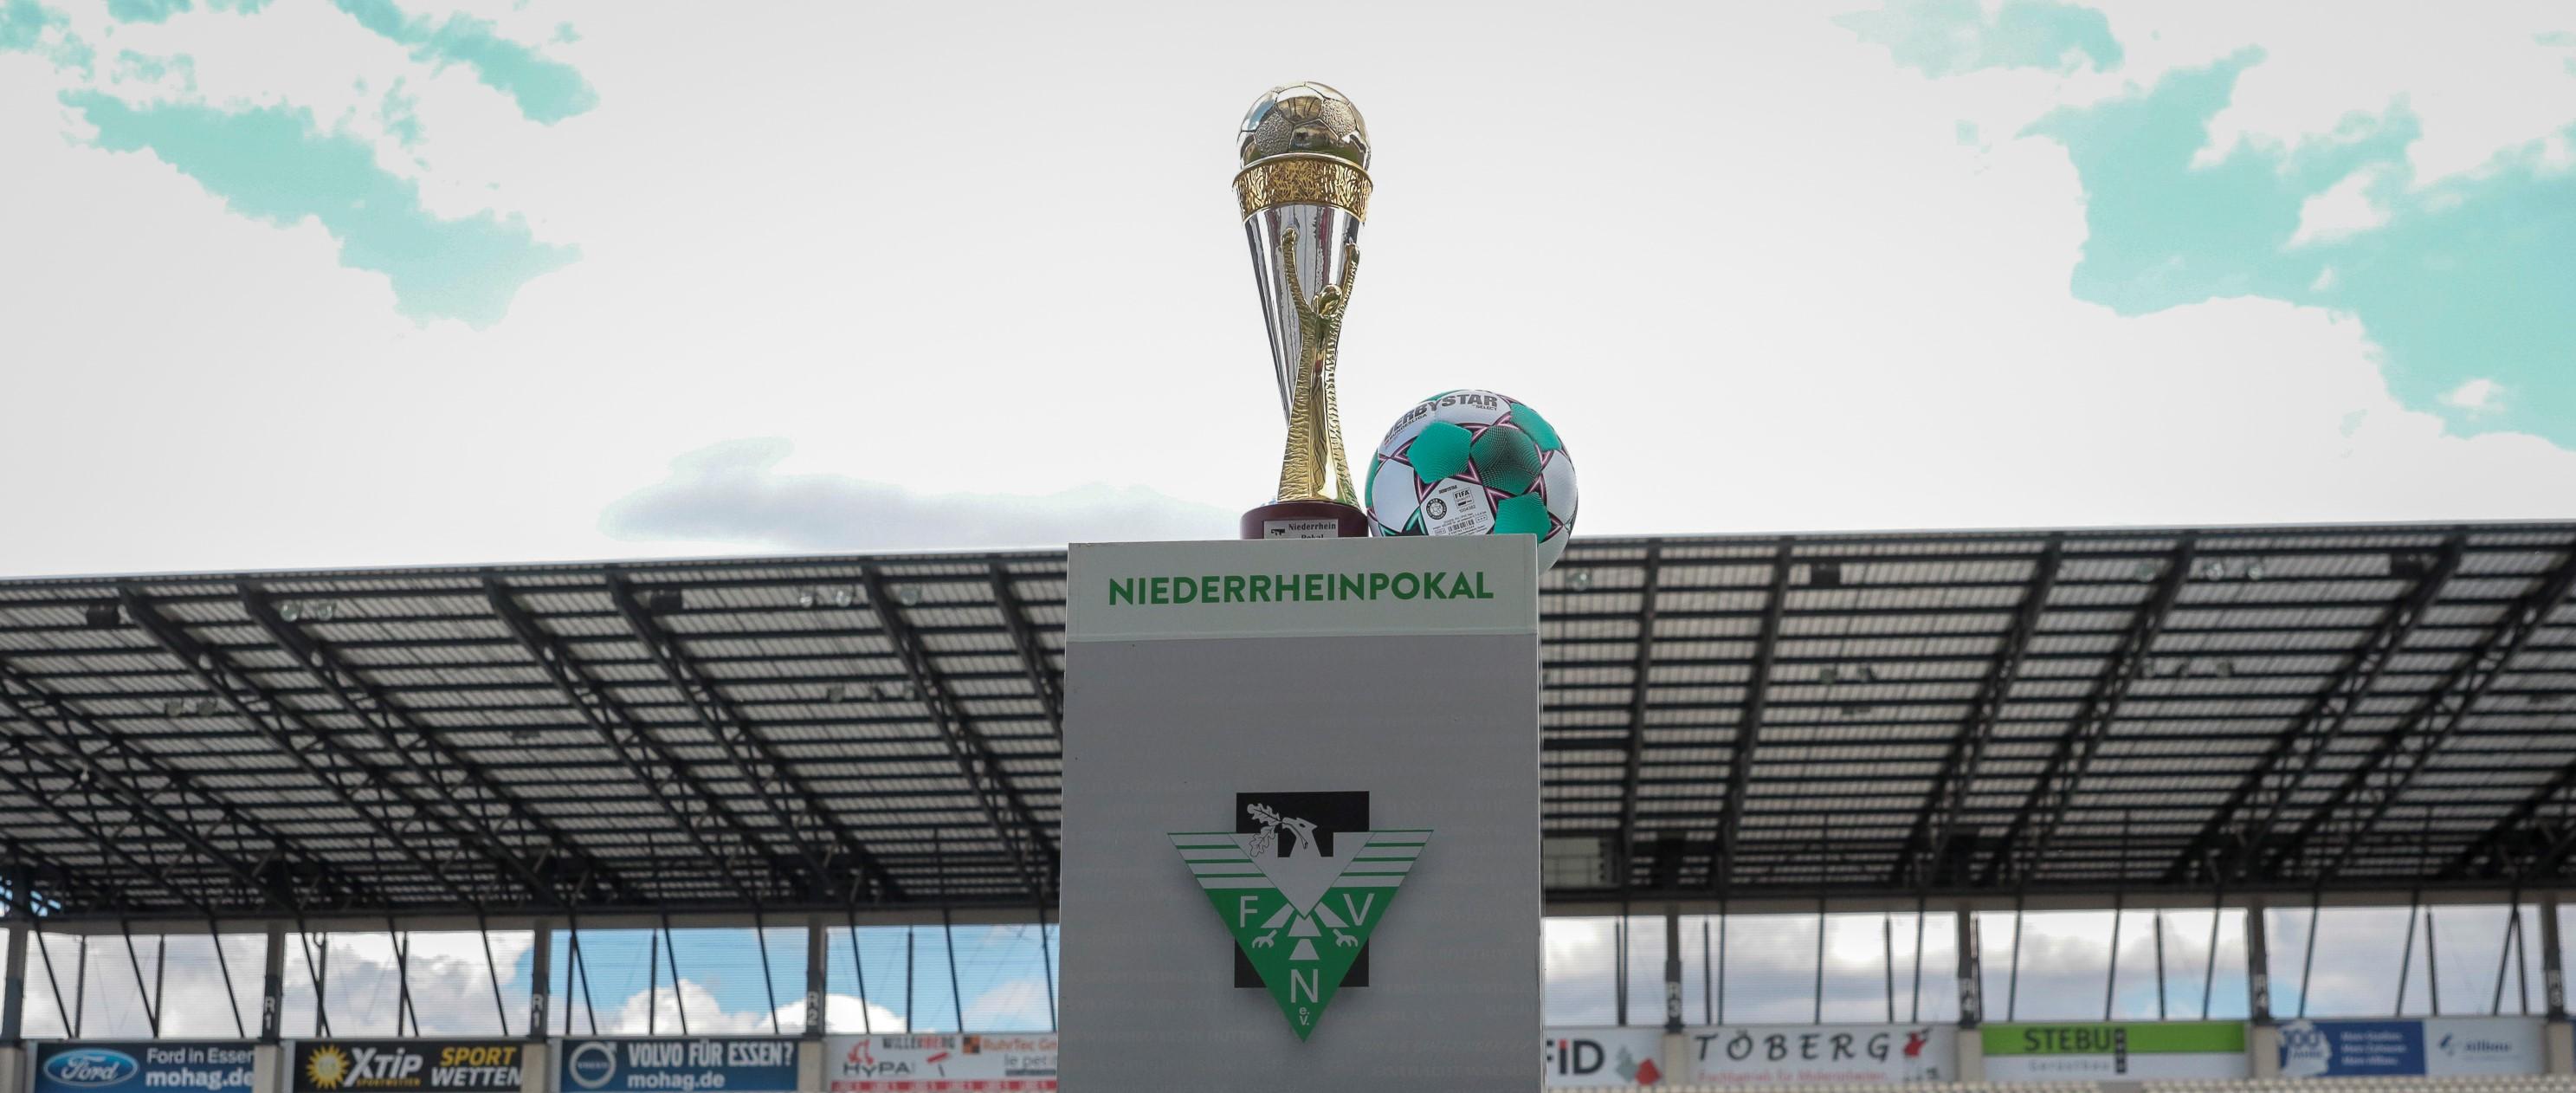 Der FVN hat die 1. Runde des Niederrheinpokals ausgelost. (Foto: Endberg)